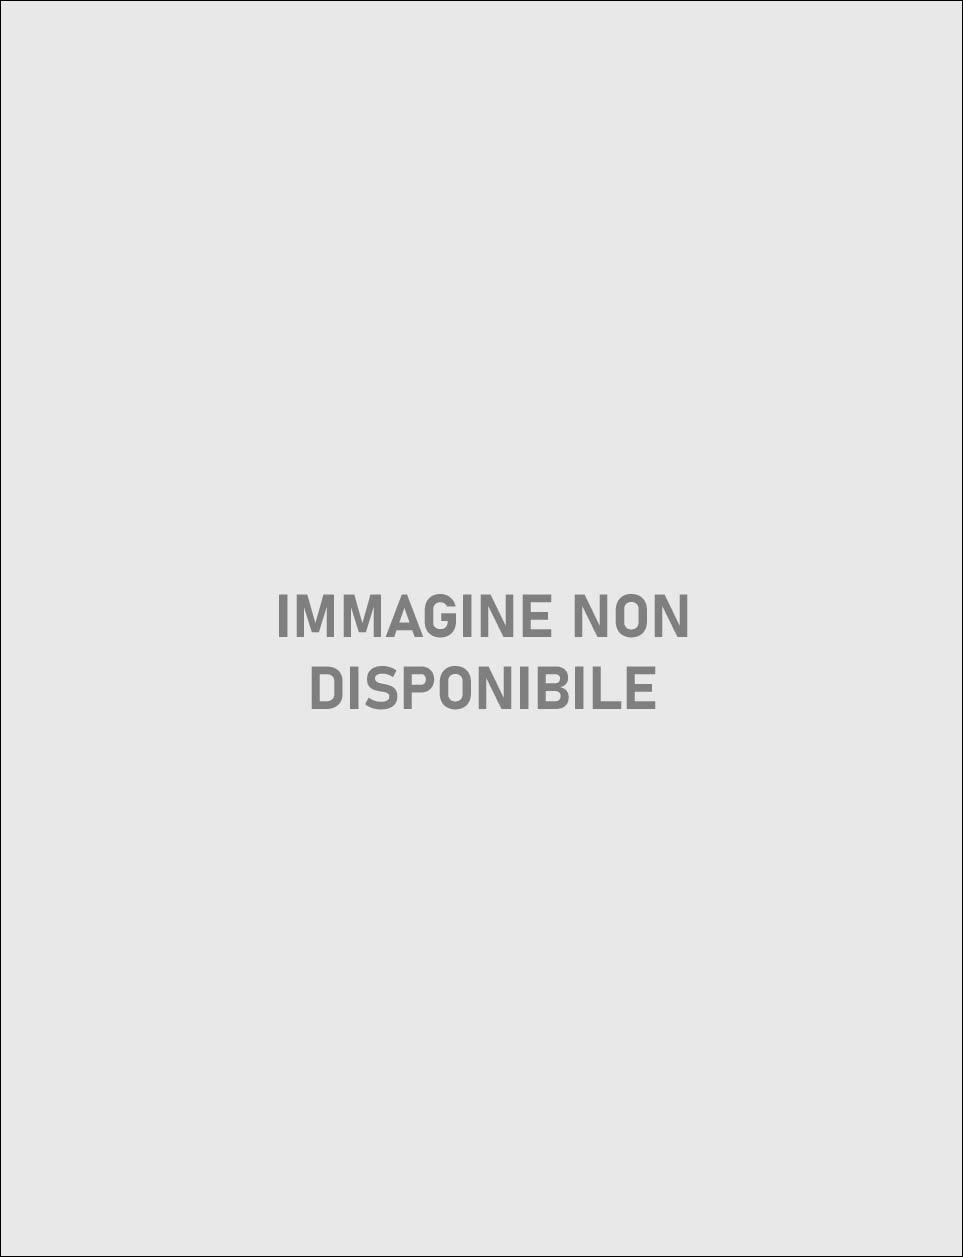 Vestito paillette modello largo argento